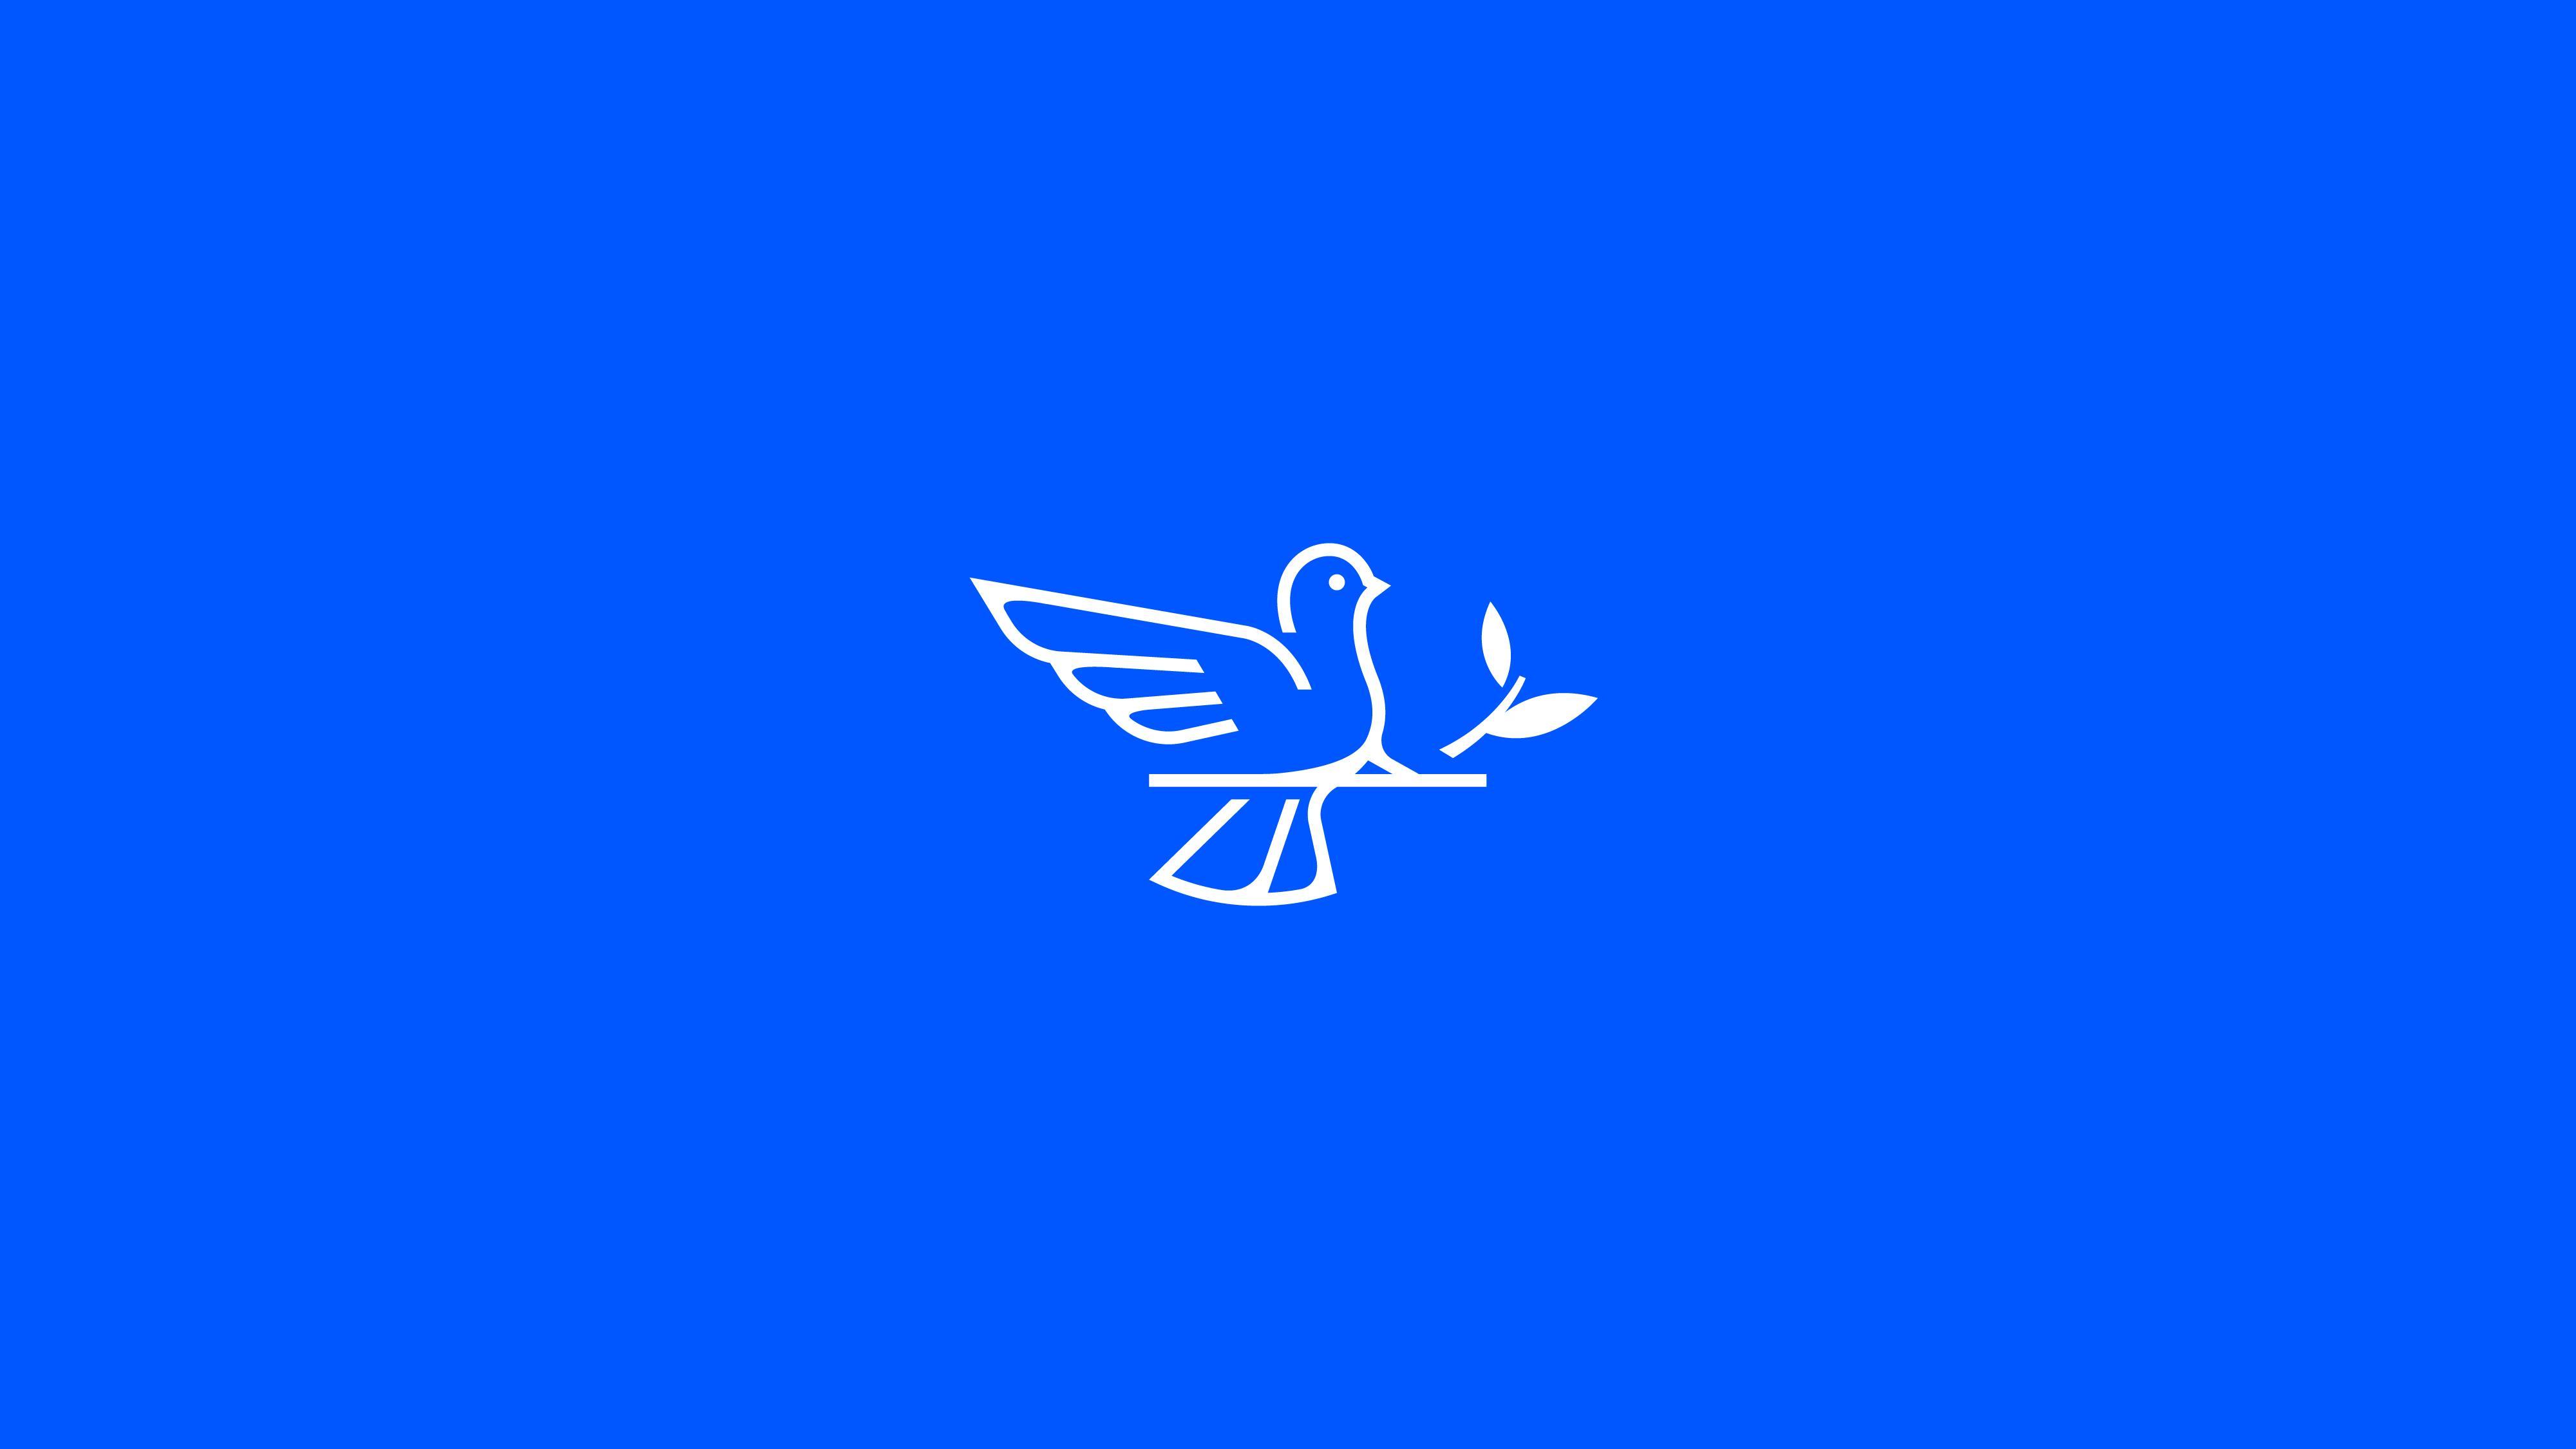 Dove-logo-Bird-logo-design